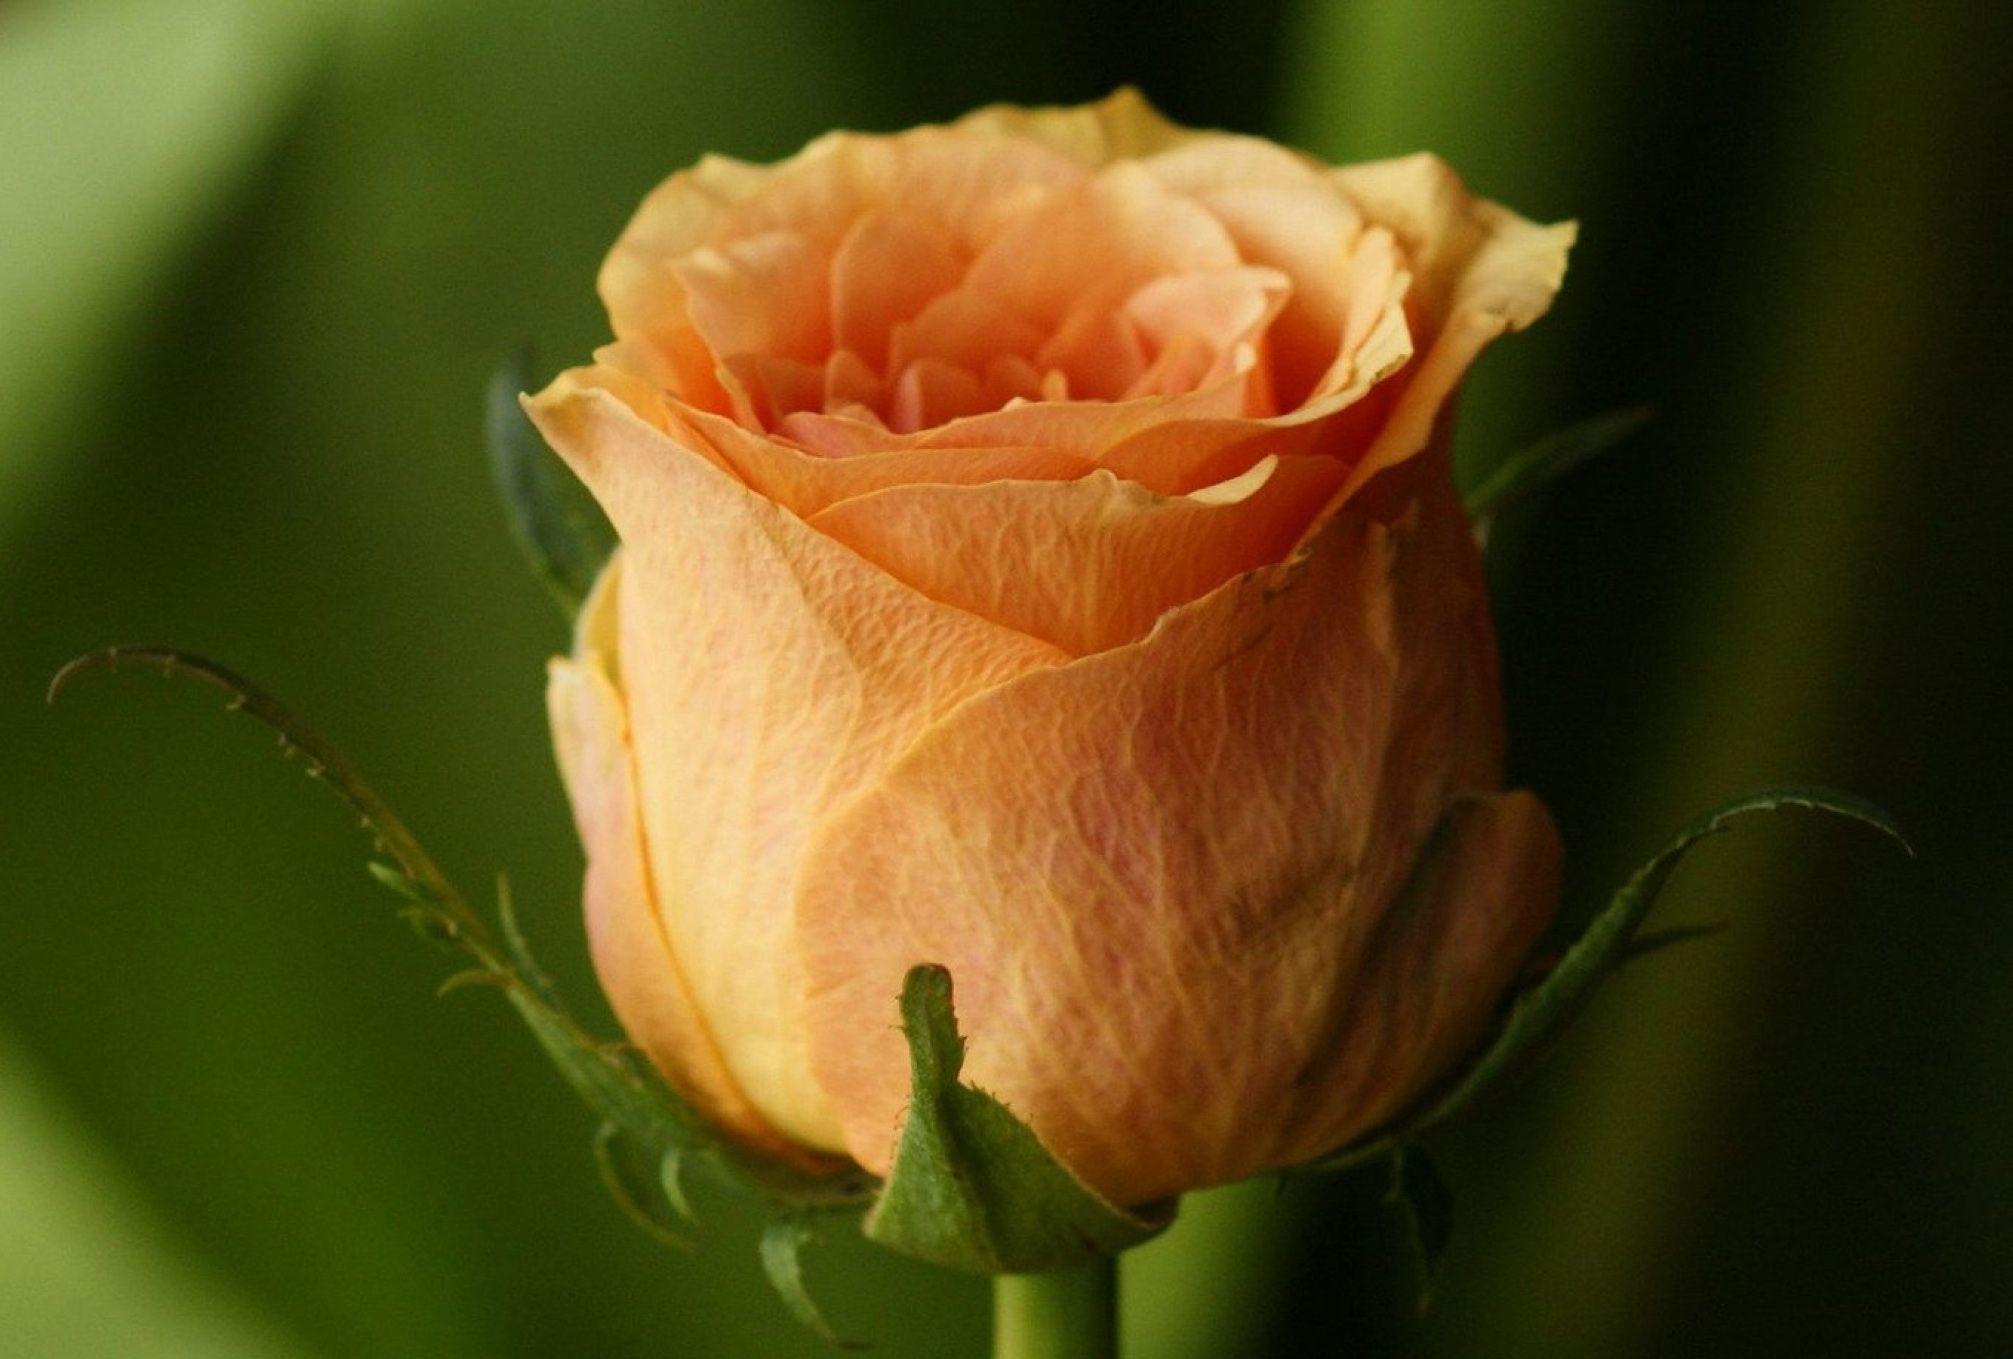 Розы на фото лучшие картинки красивых цветов роз - 2